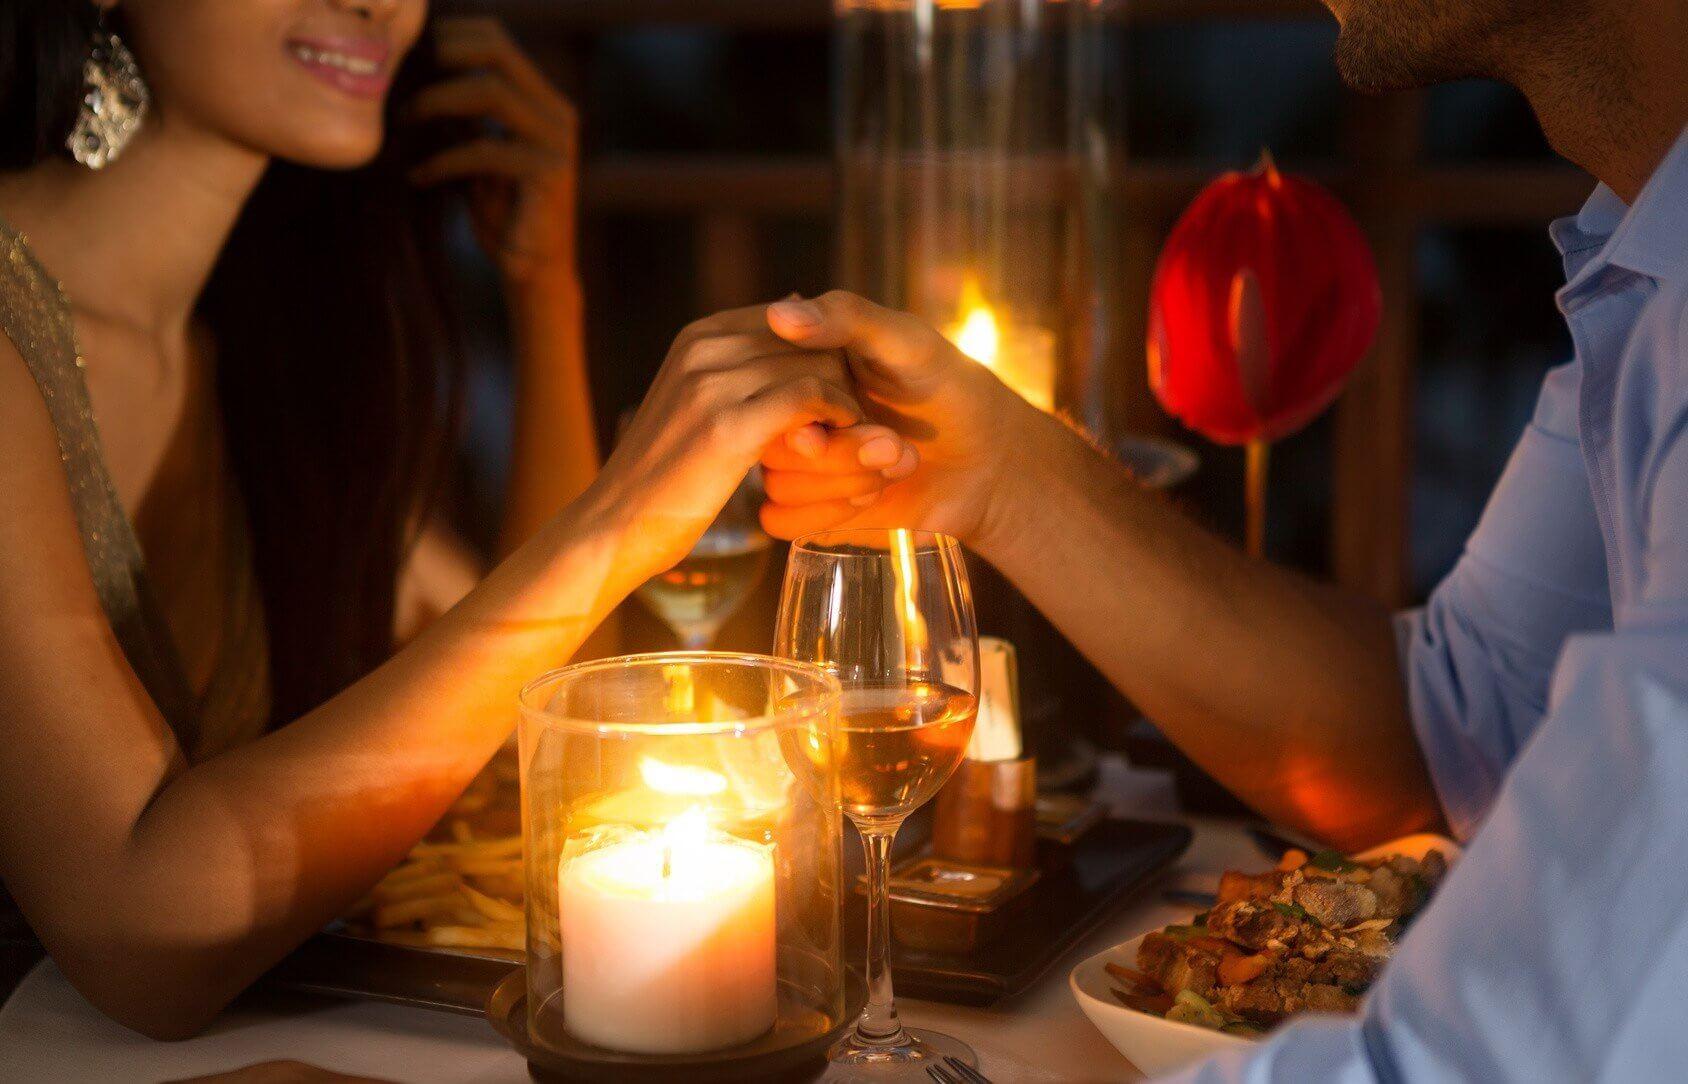 Как устроить романтический вечер в домашних условиях - Starkoff 71